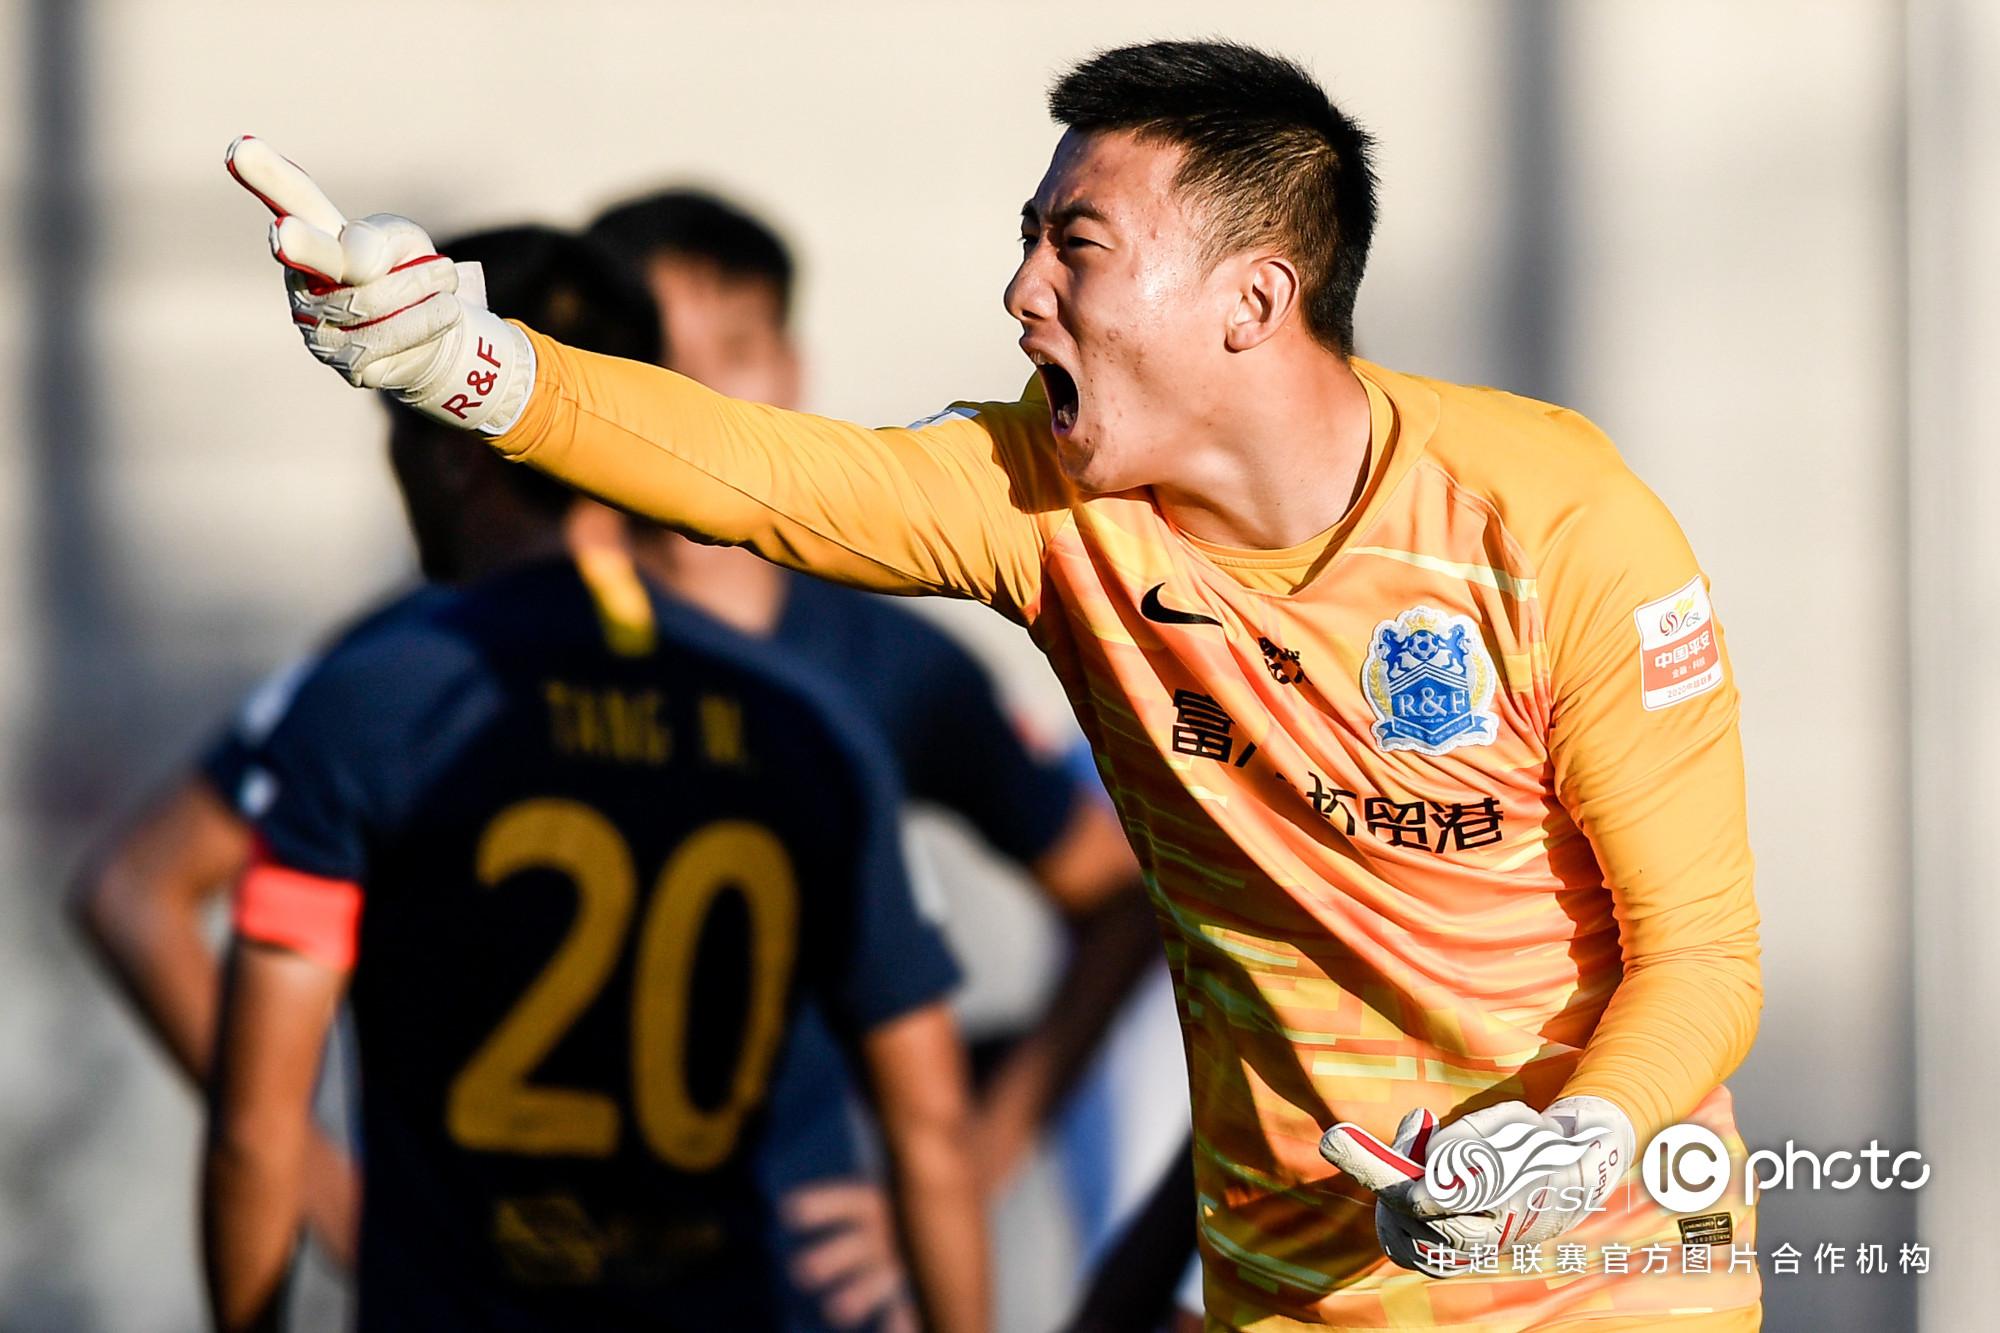 韩佳奇:老外觉得中国人不适合踢足球;未来希